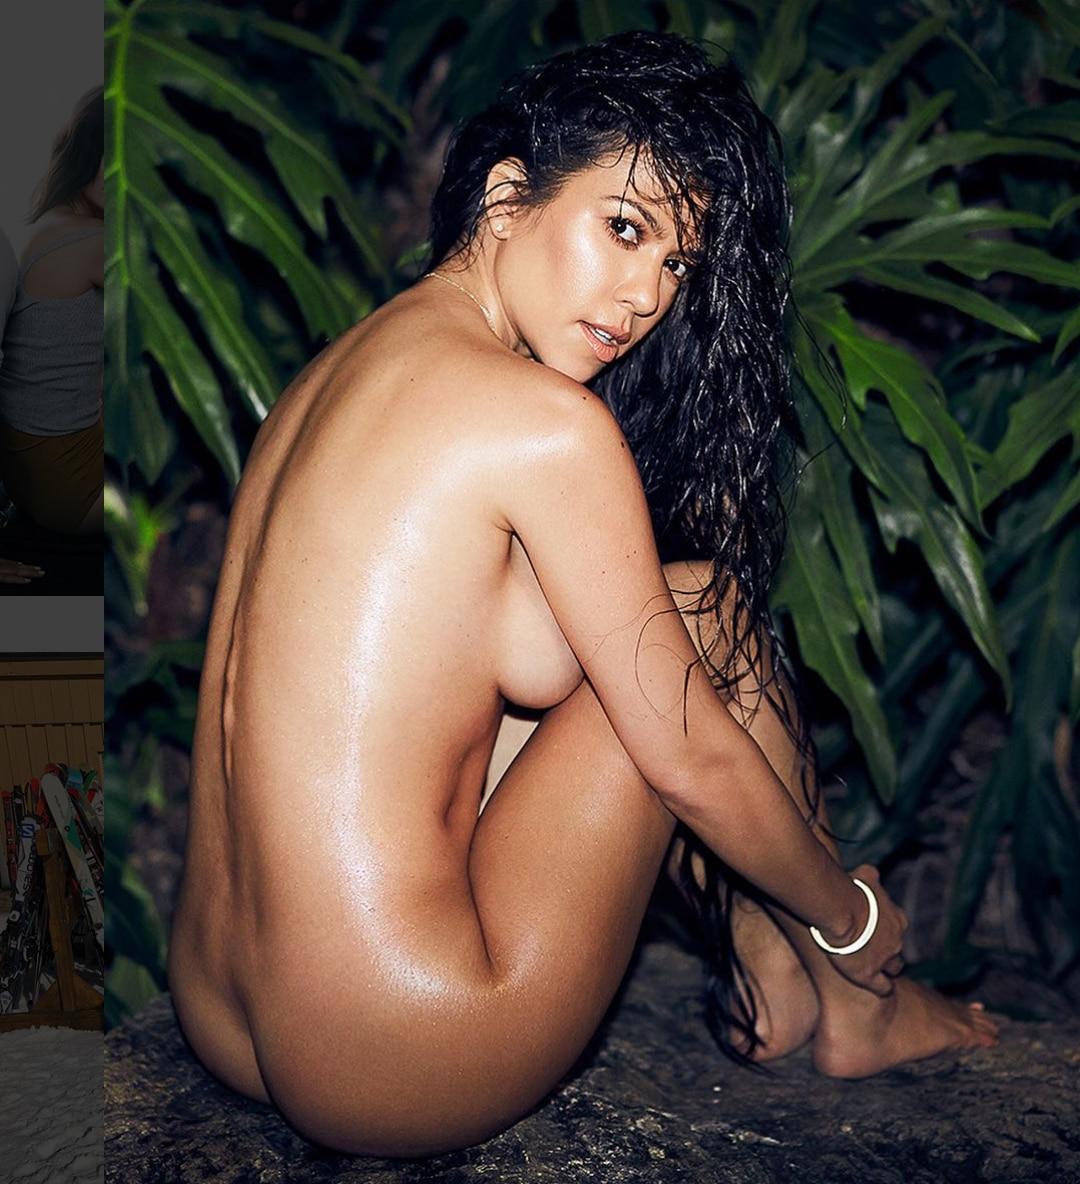 sexuální videa kourtney kardashian